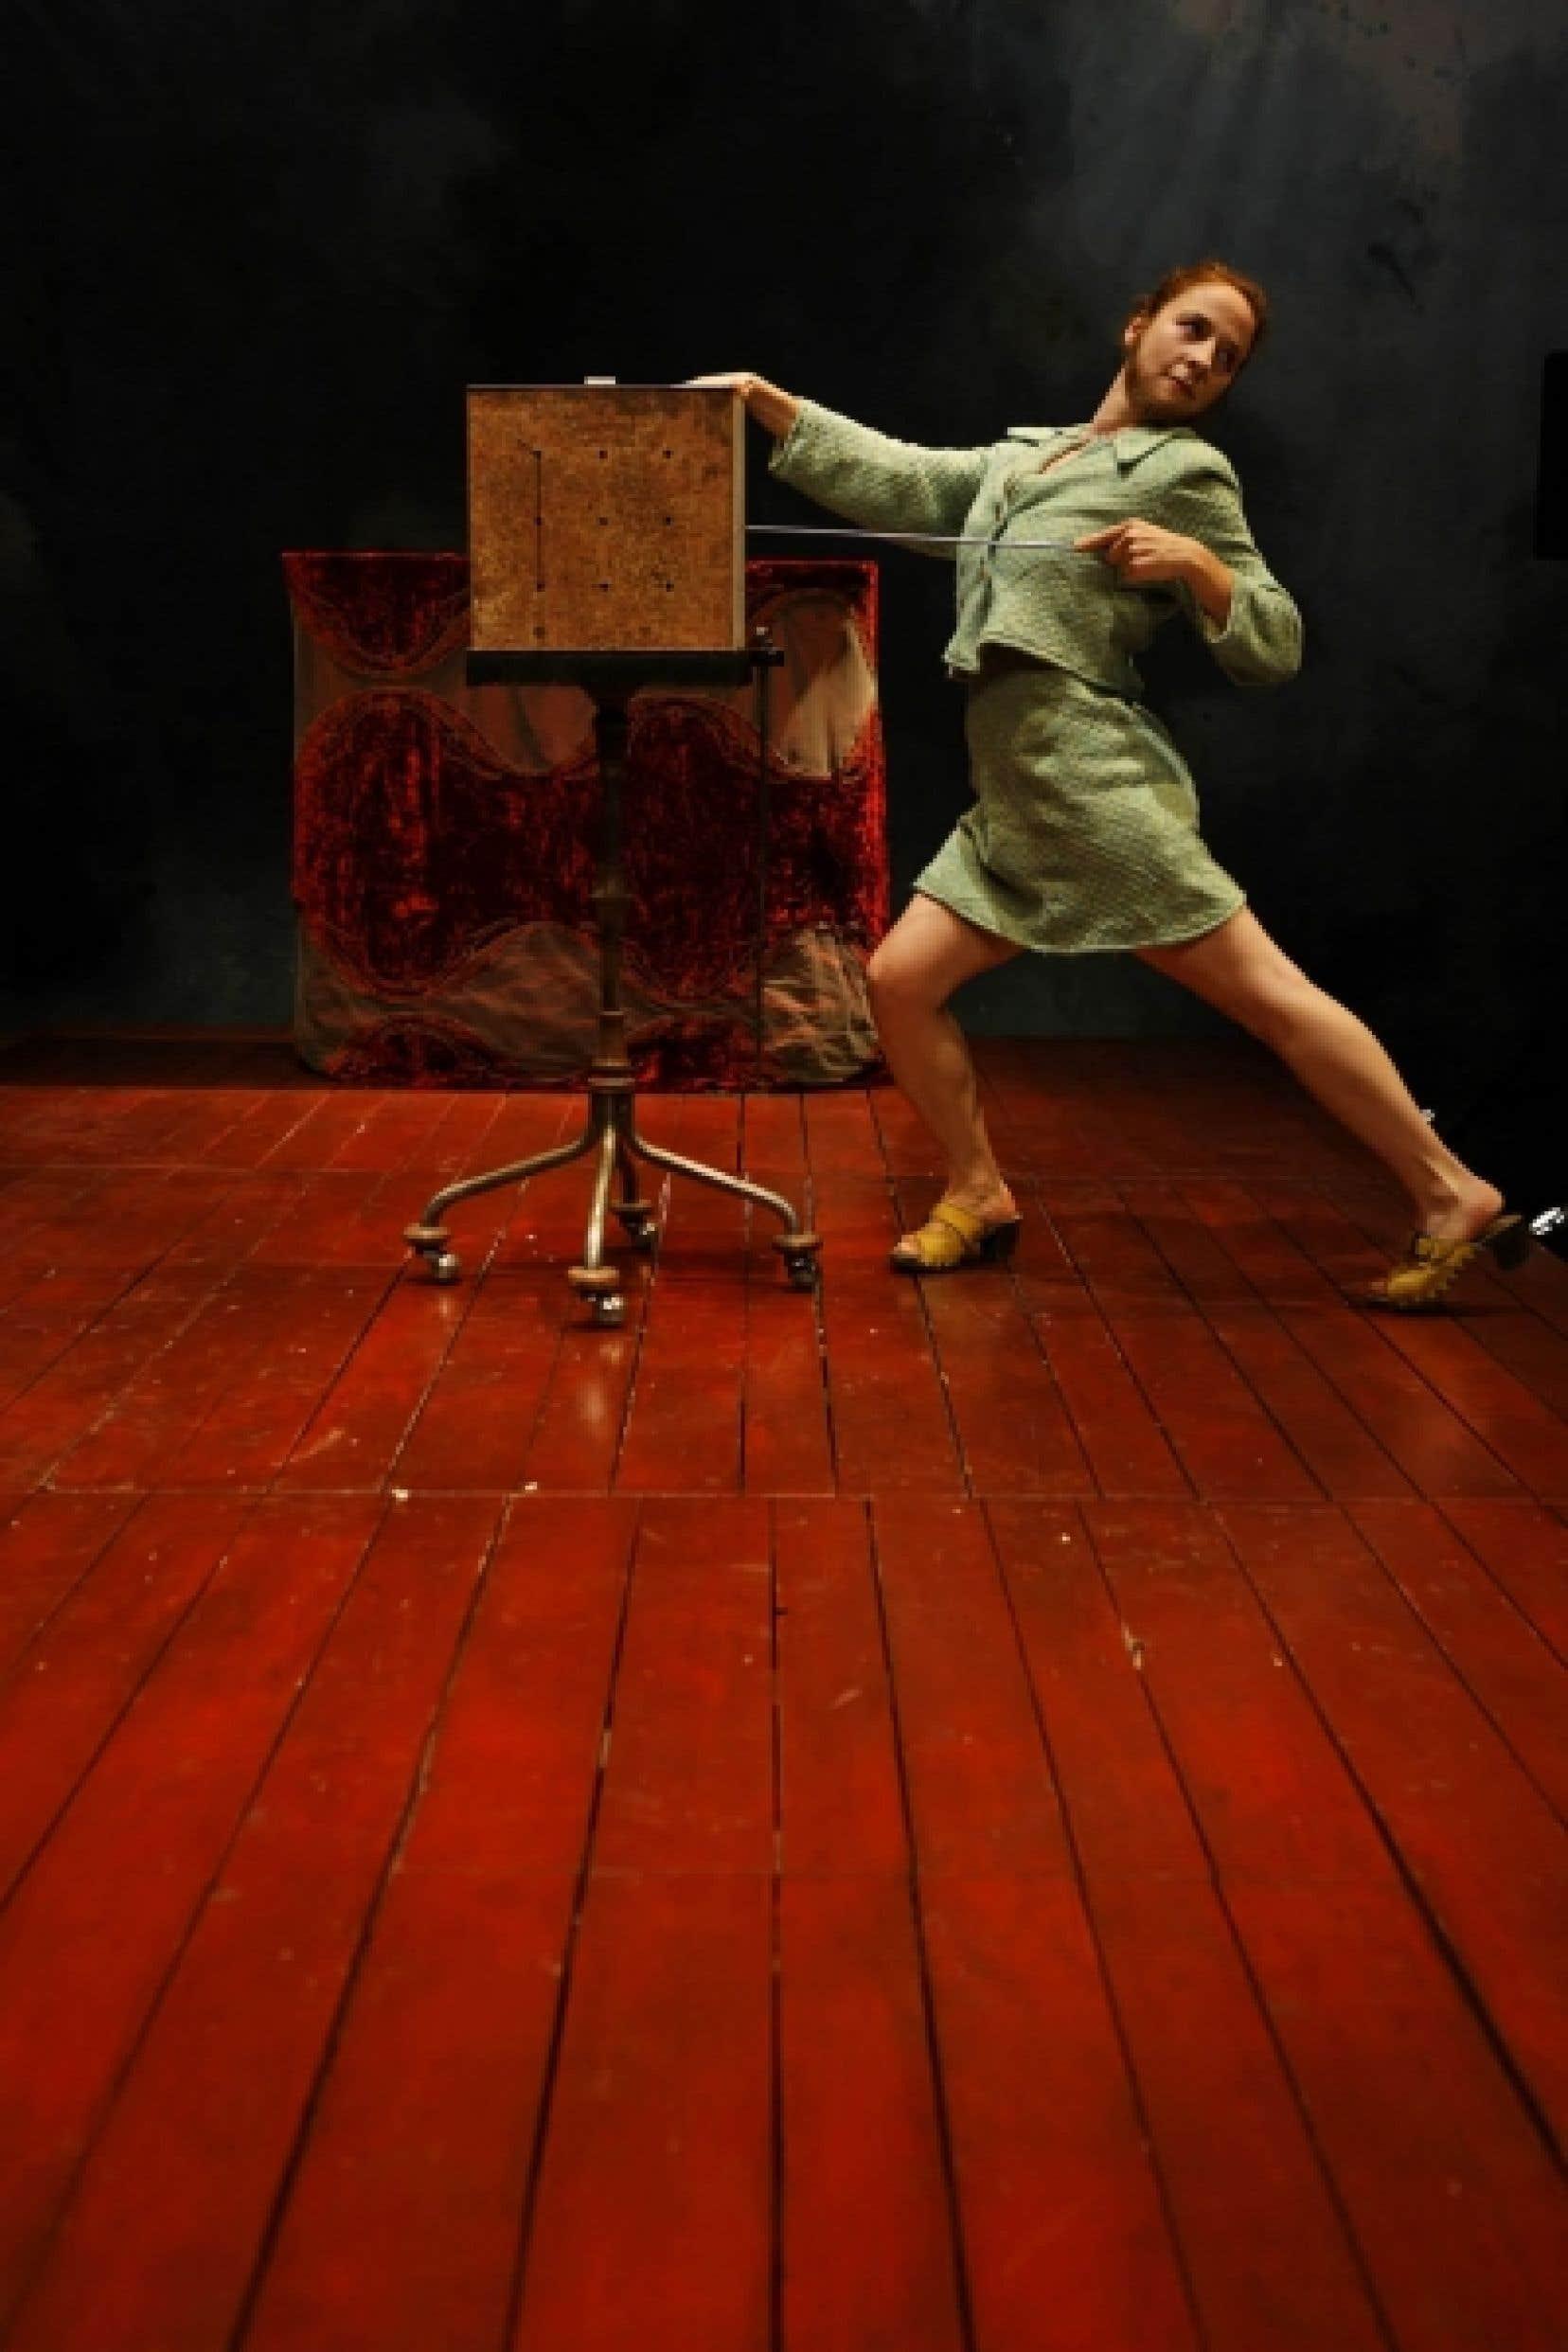 La pièce Éloge du poil, de la Comagnie Bal, déboulonne les clichés de la féminité et du cirque.